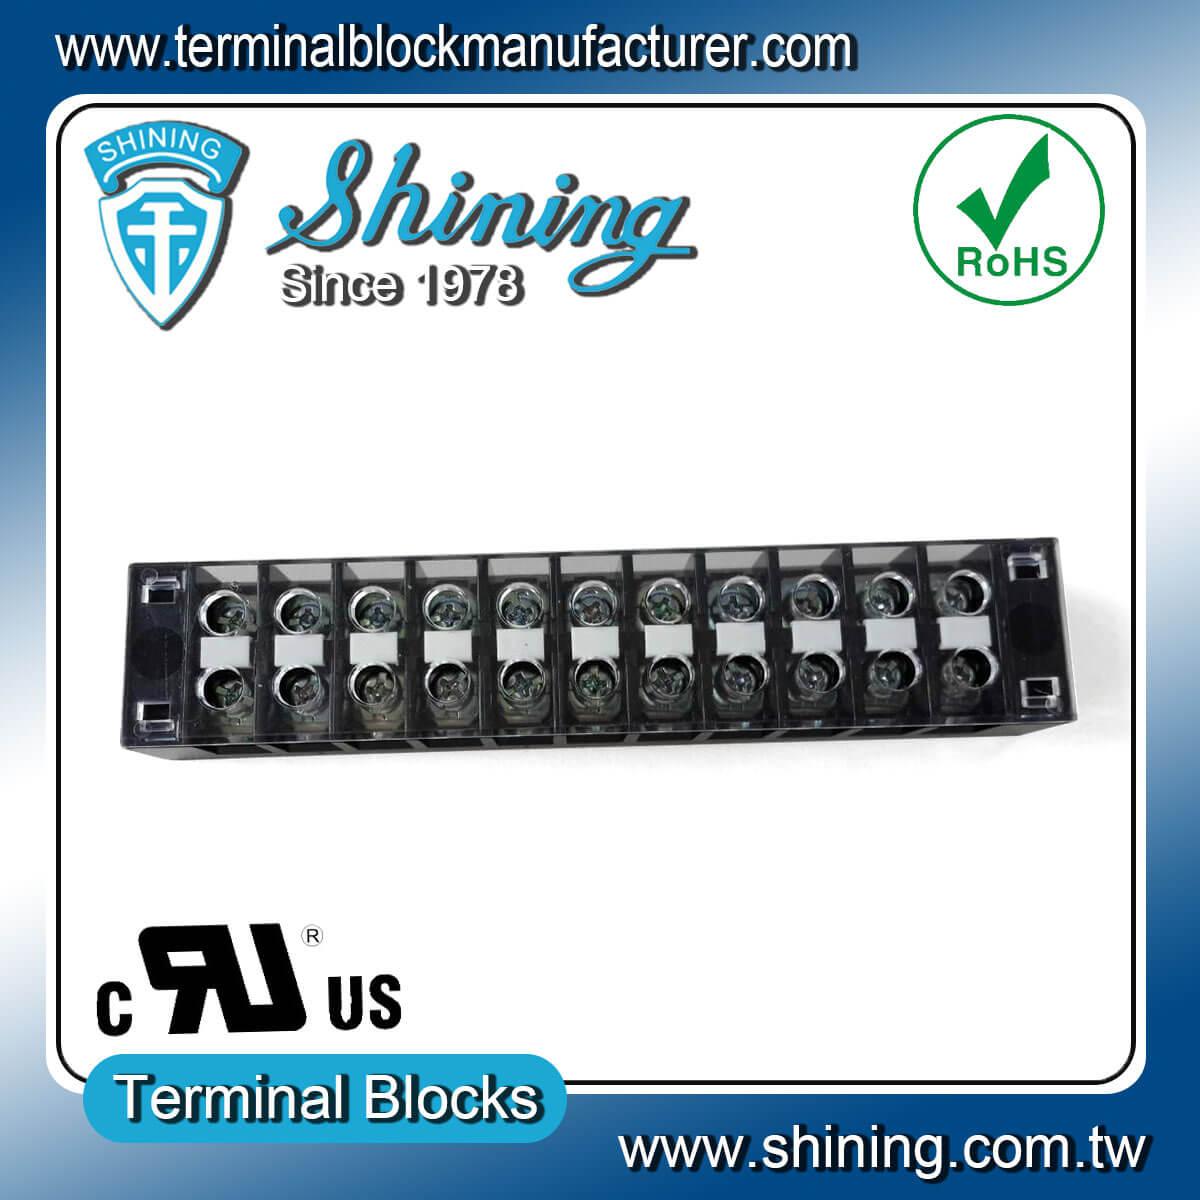 TB-31511CP 300V 15A 11Pole固定式柵欄端子台